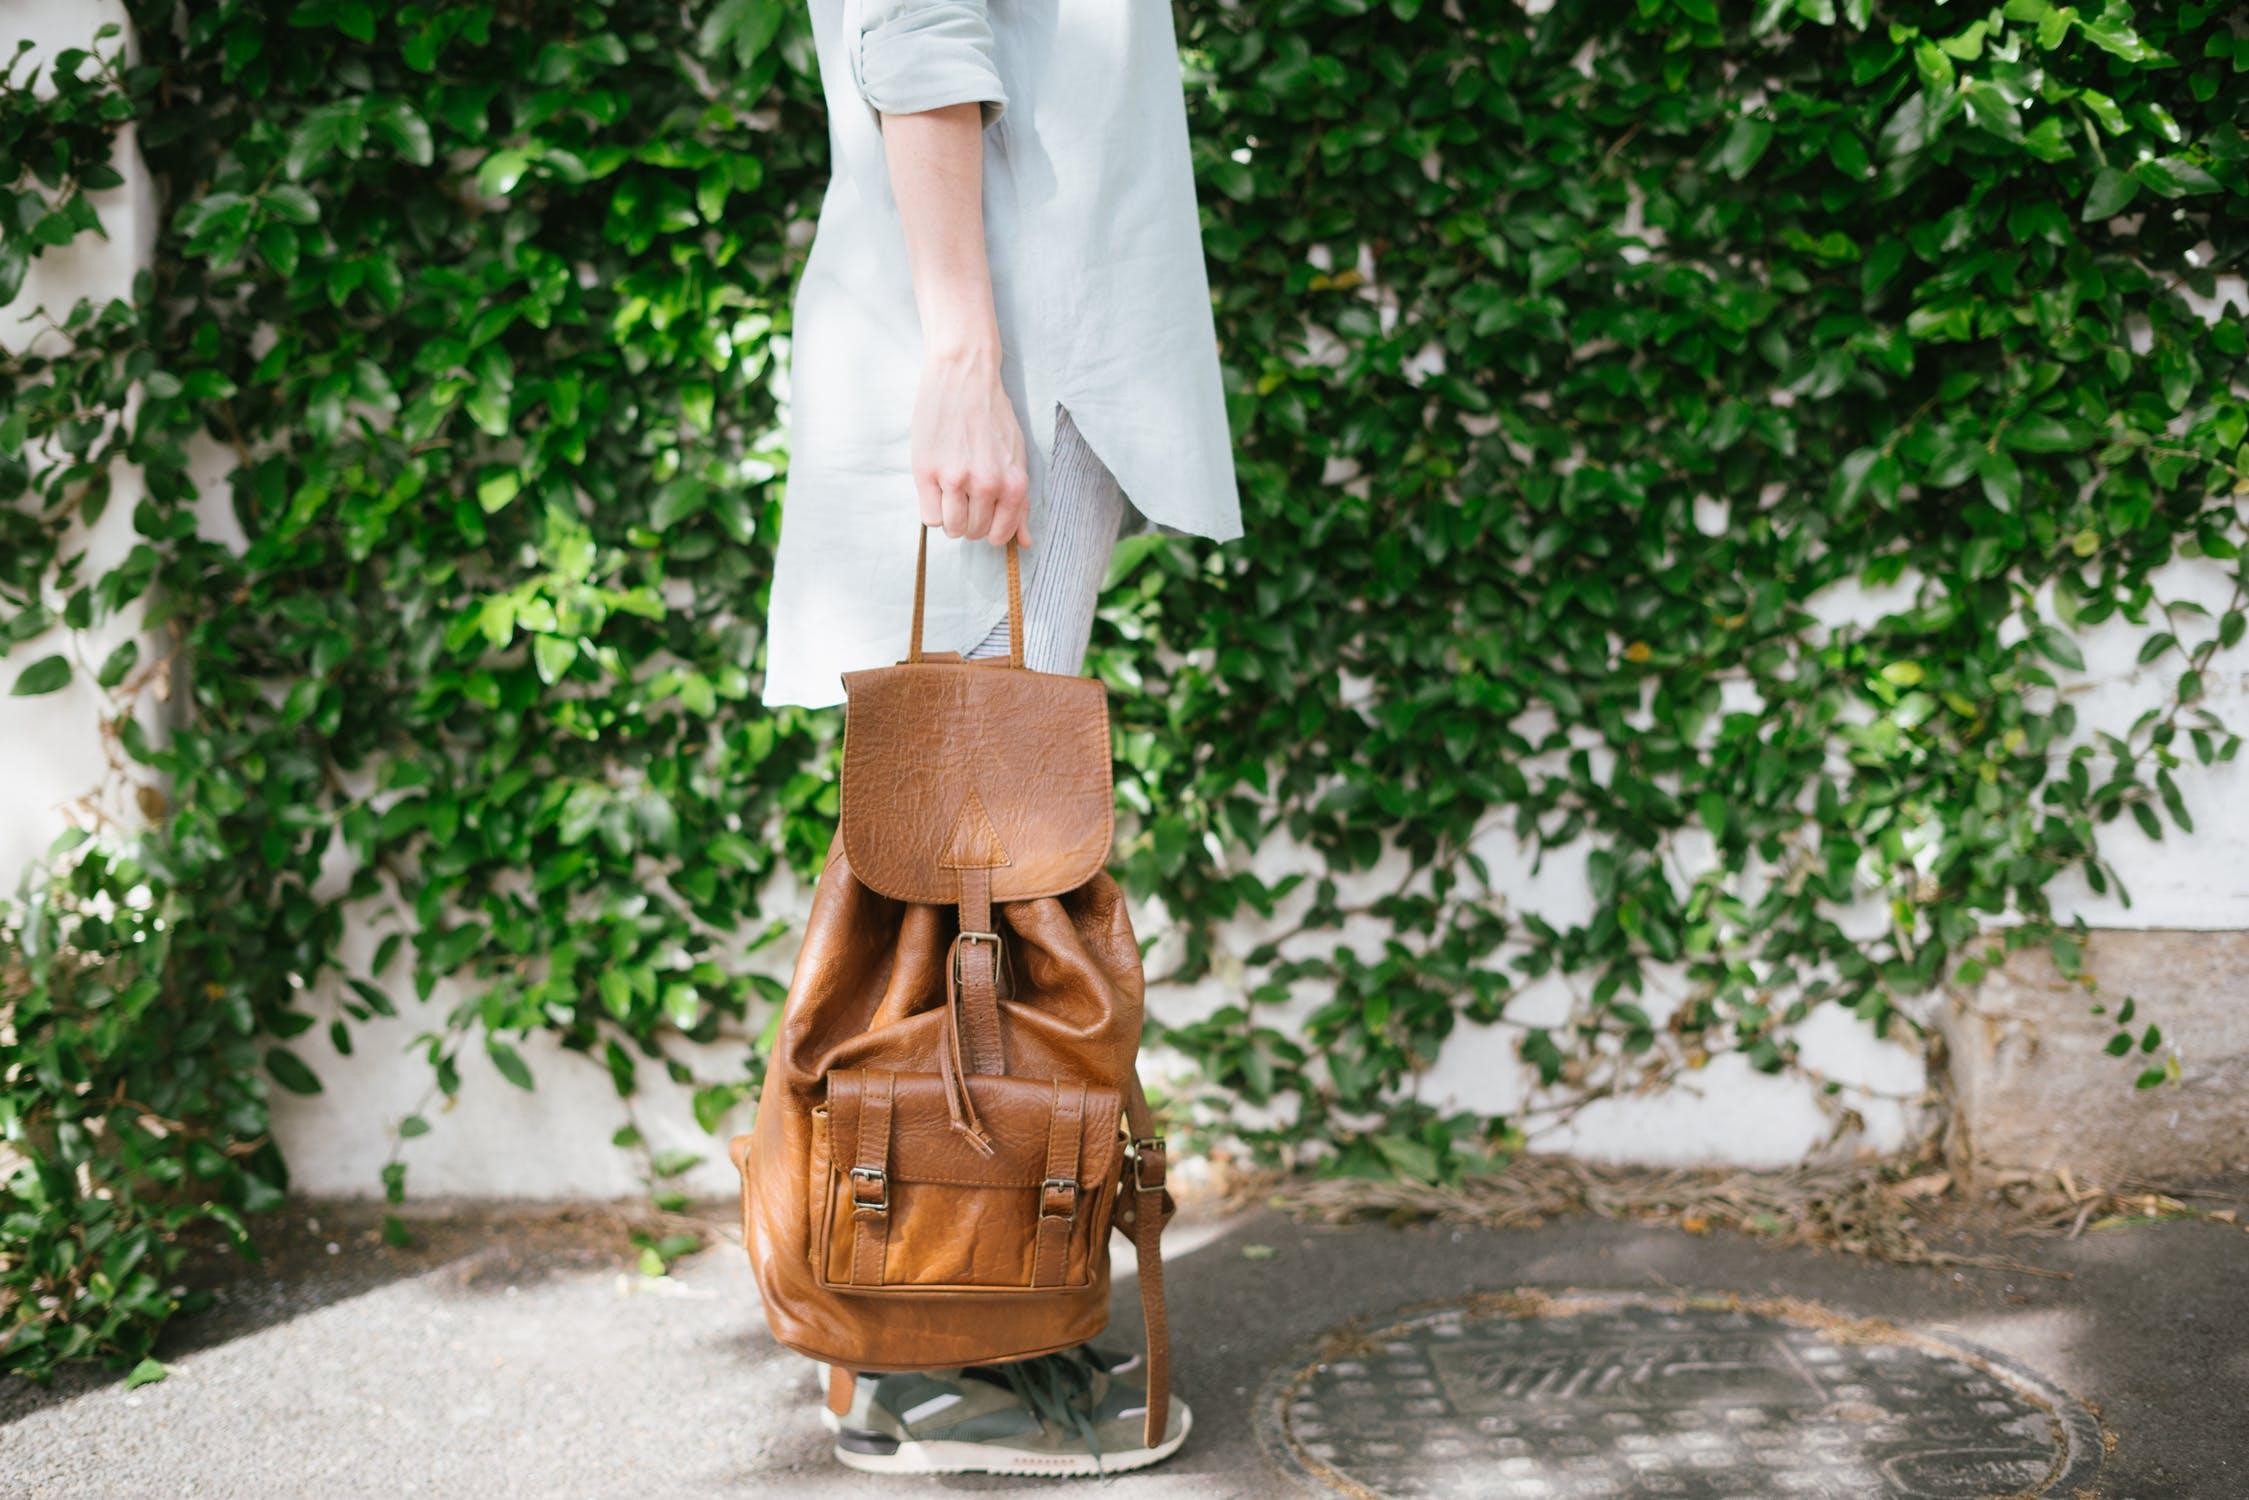 Женская сумка - это что-то невероятное!